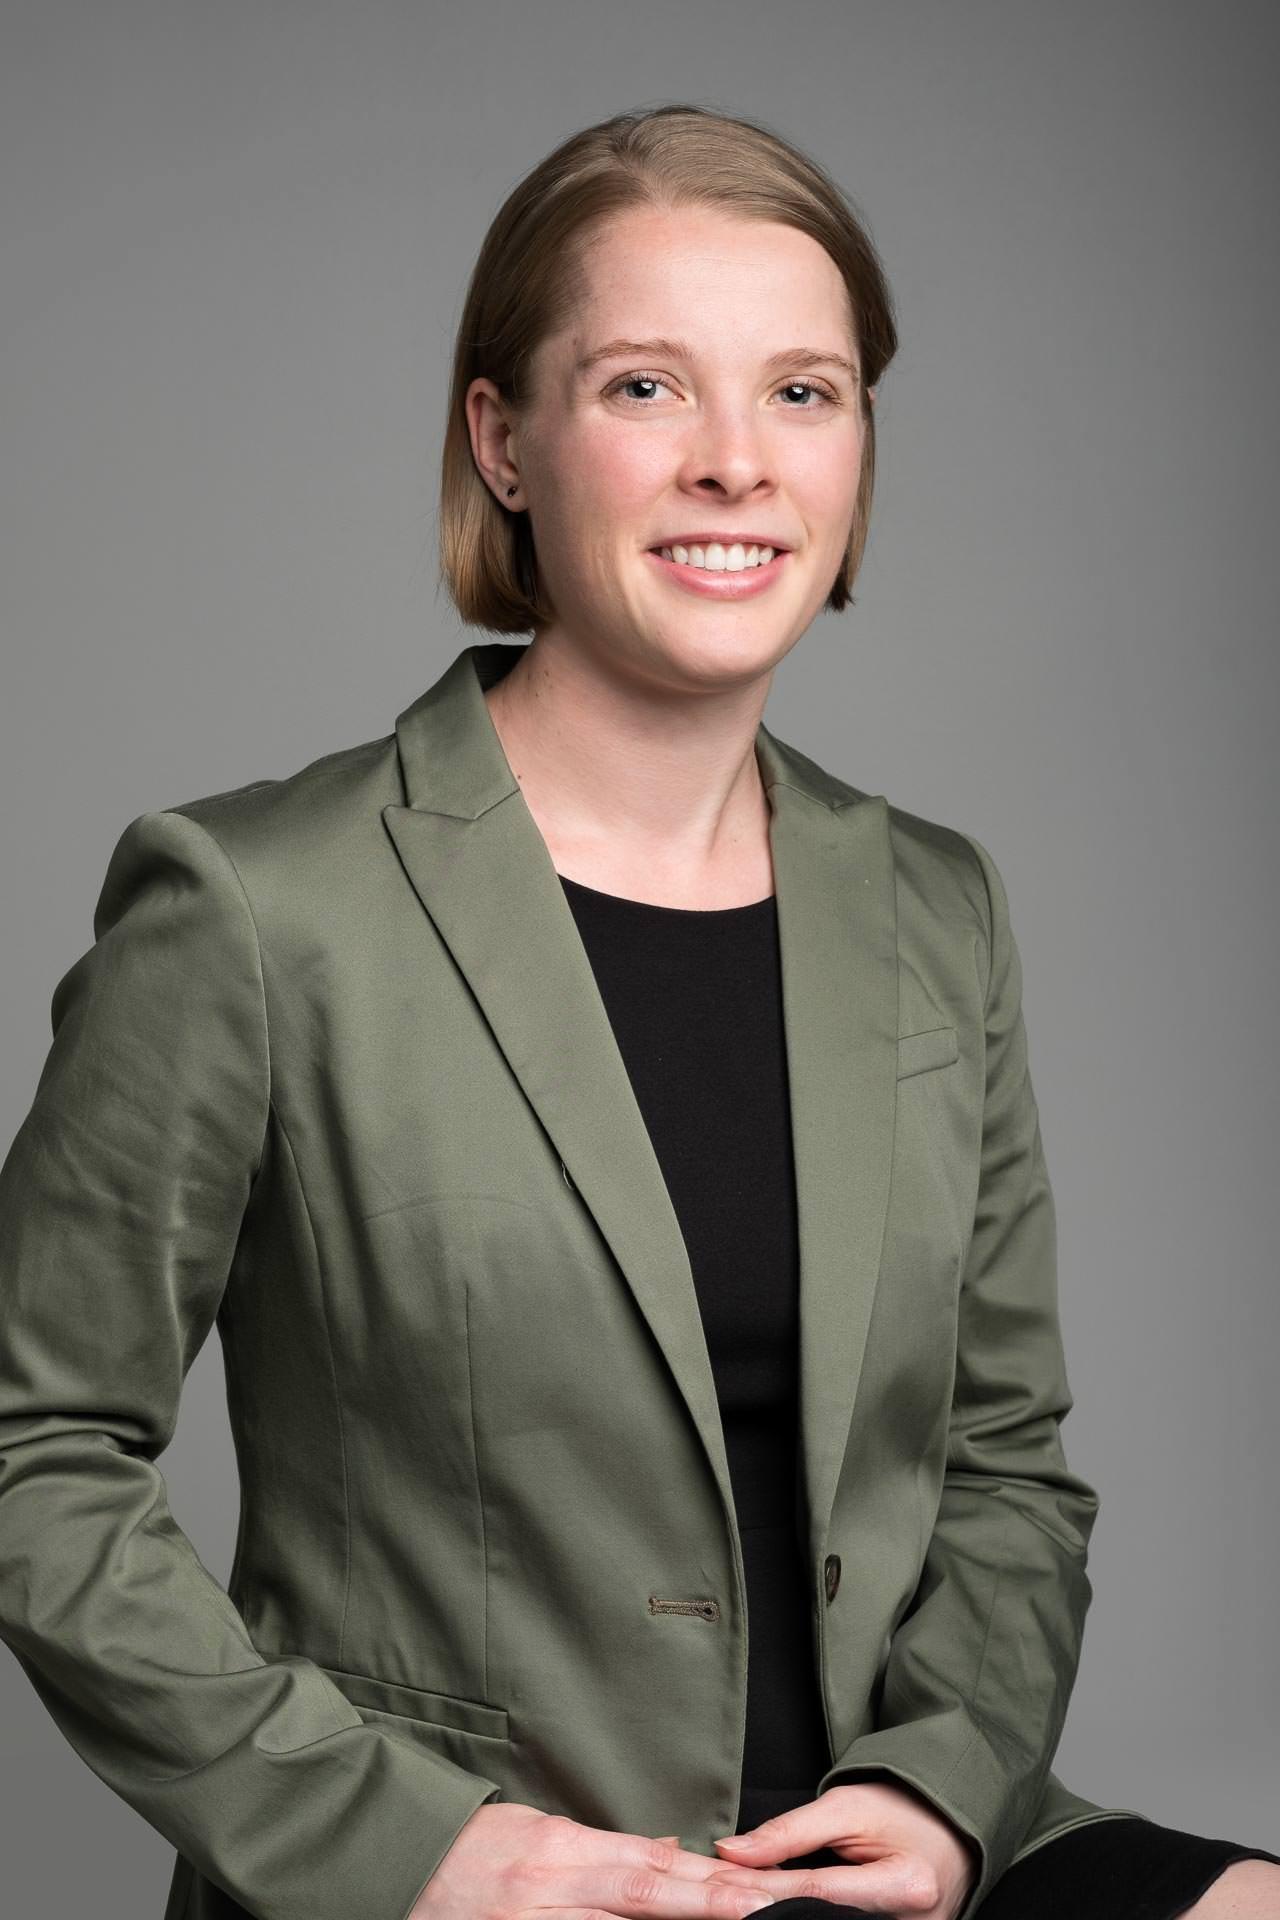 Grace Hoffman